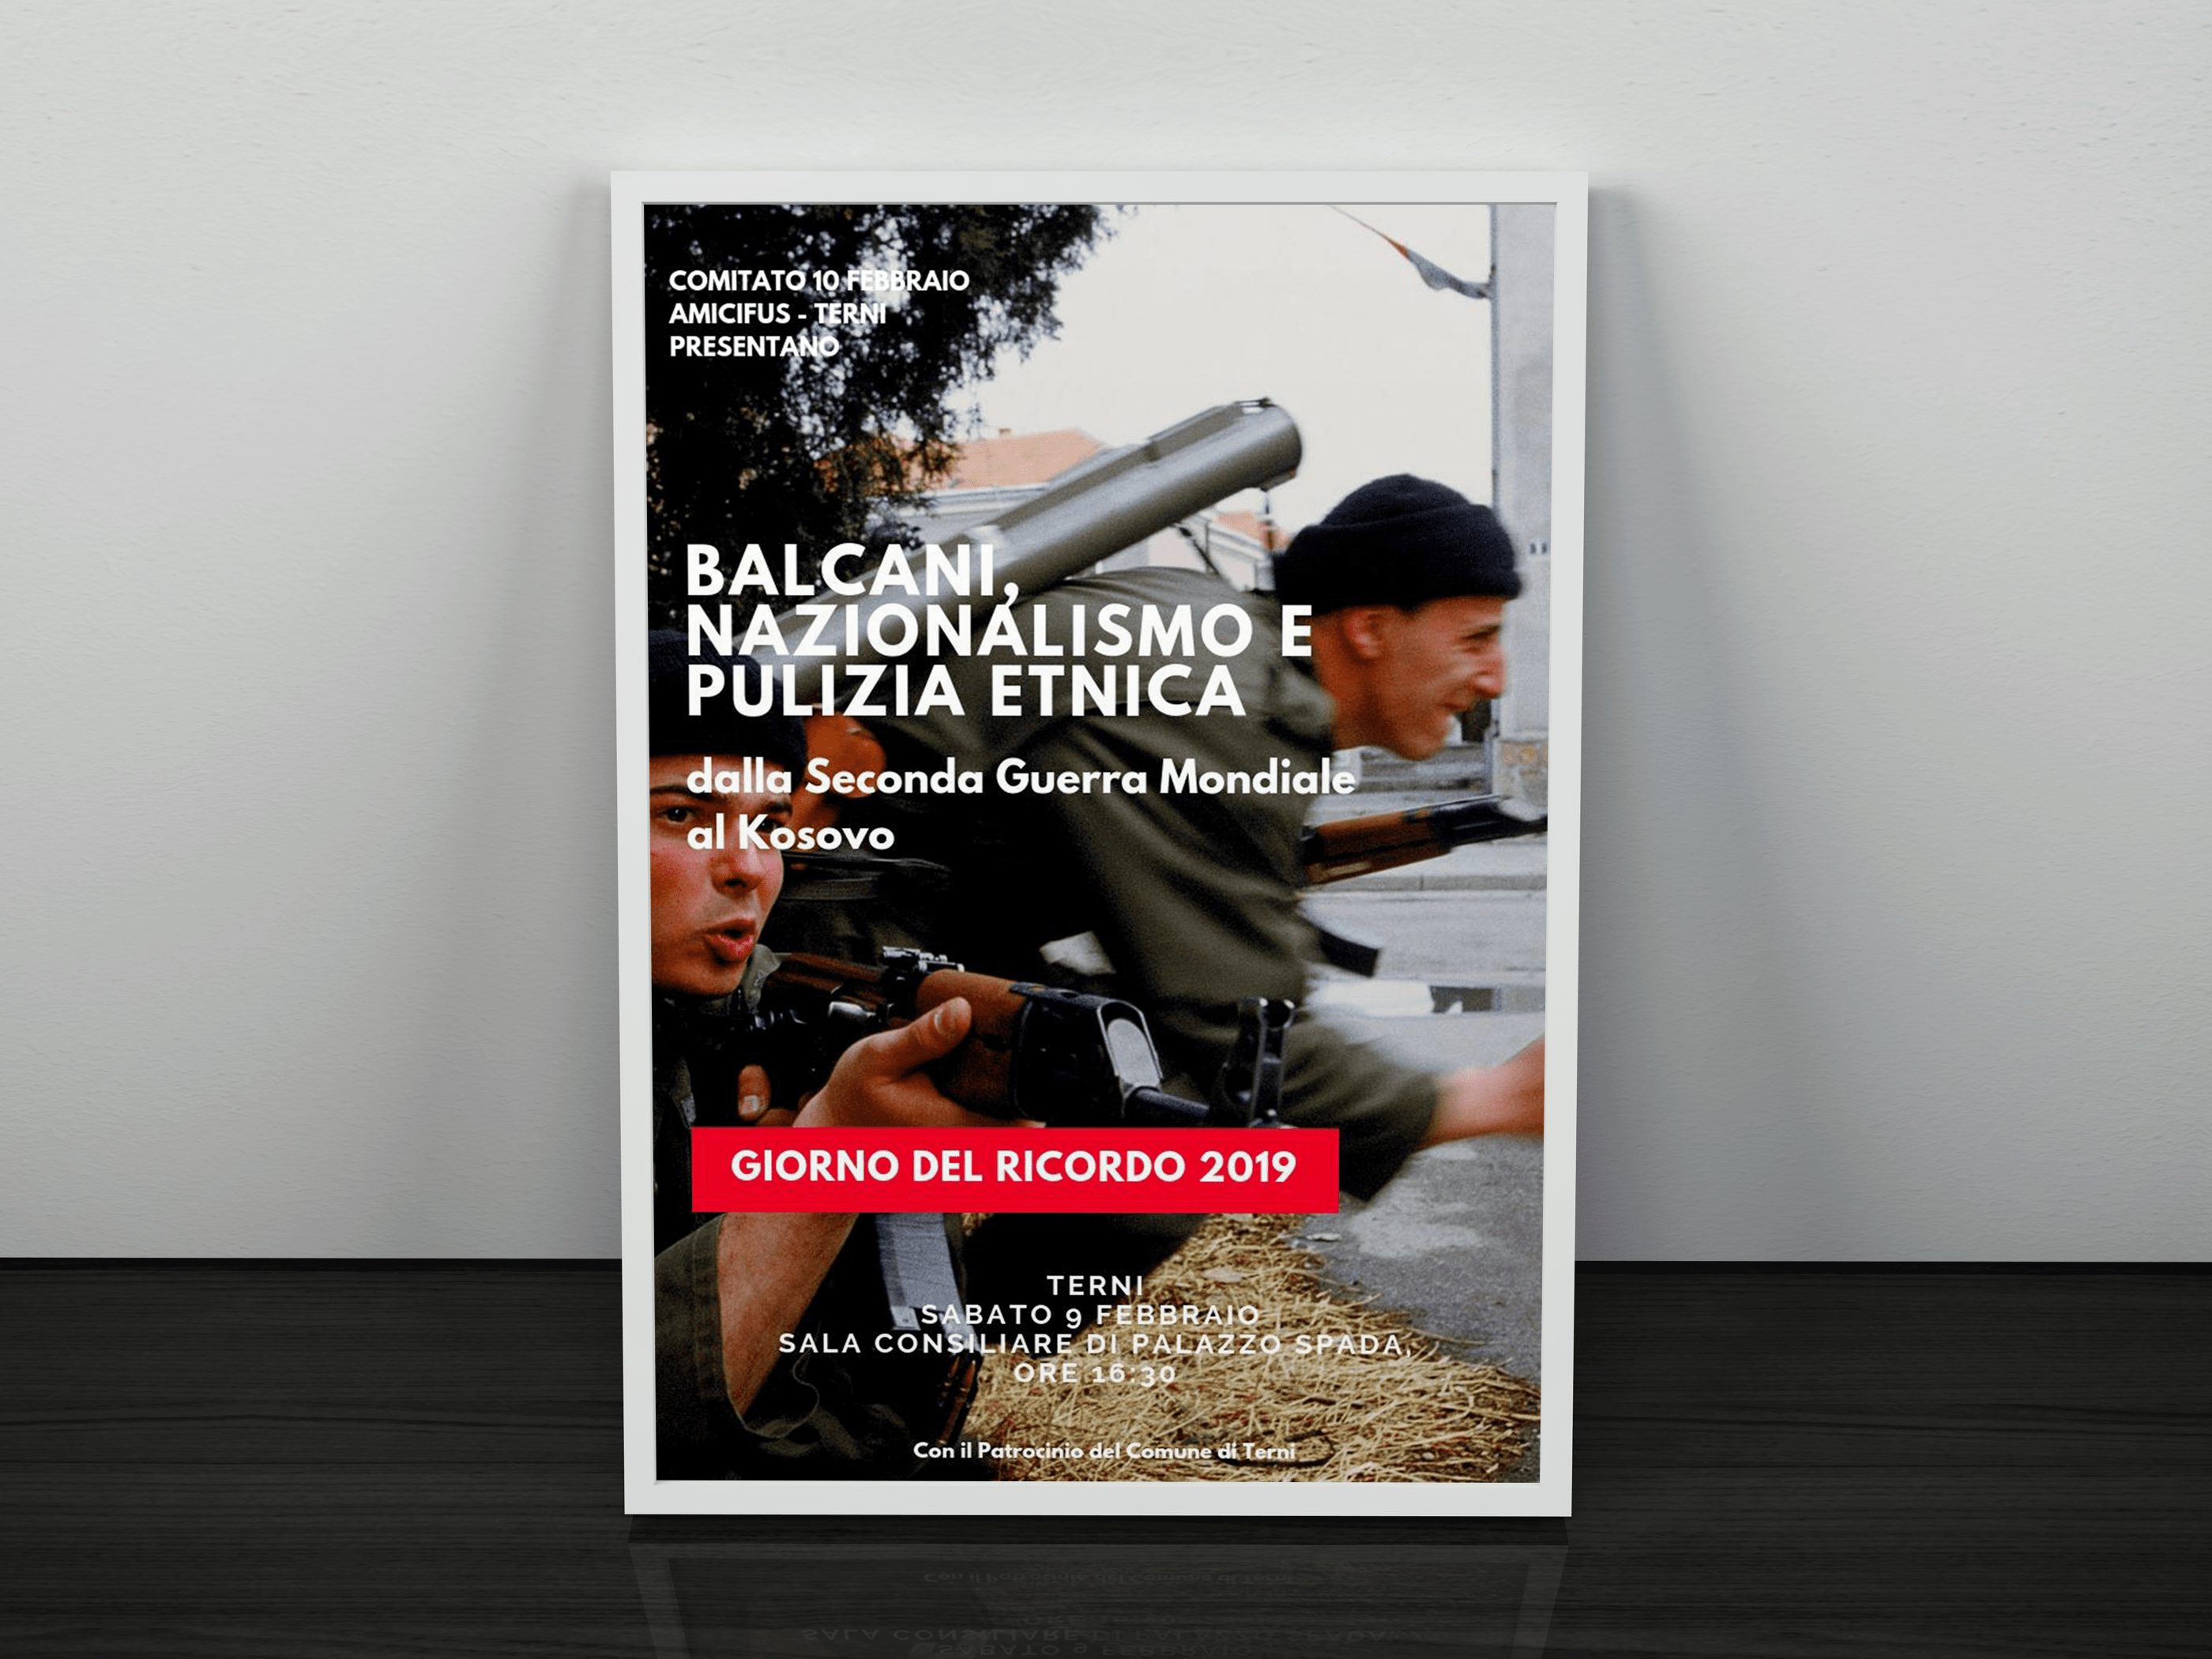 """Giorno del ricordo 2019: a Terni la conferenza """"Balcani: nazionalismo e pulizia etnica"""""""